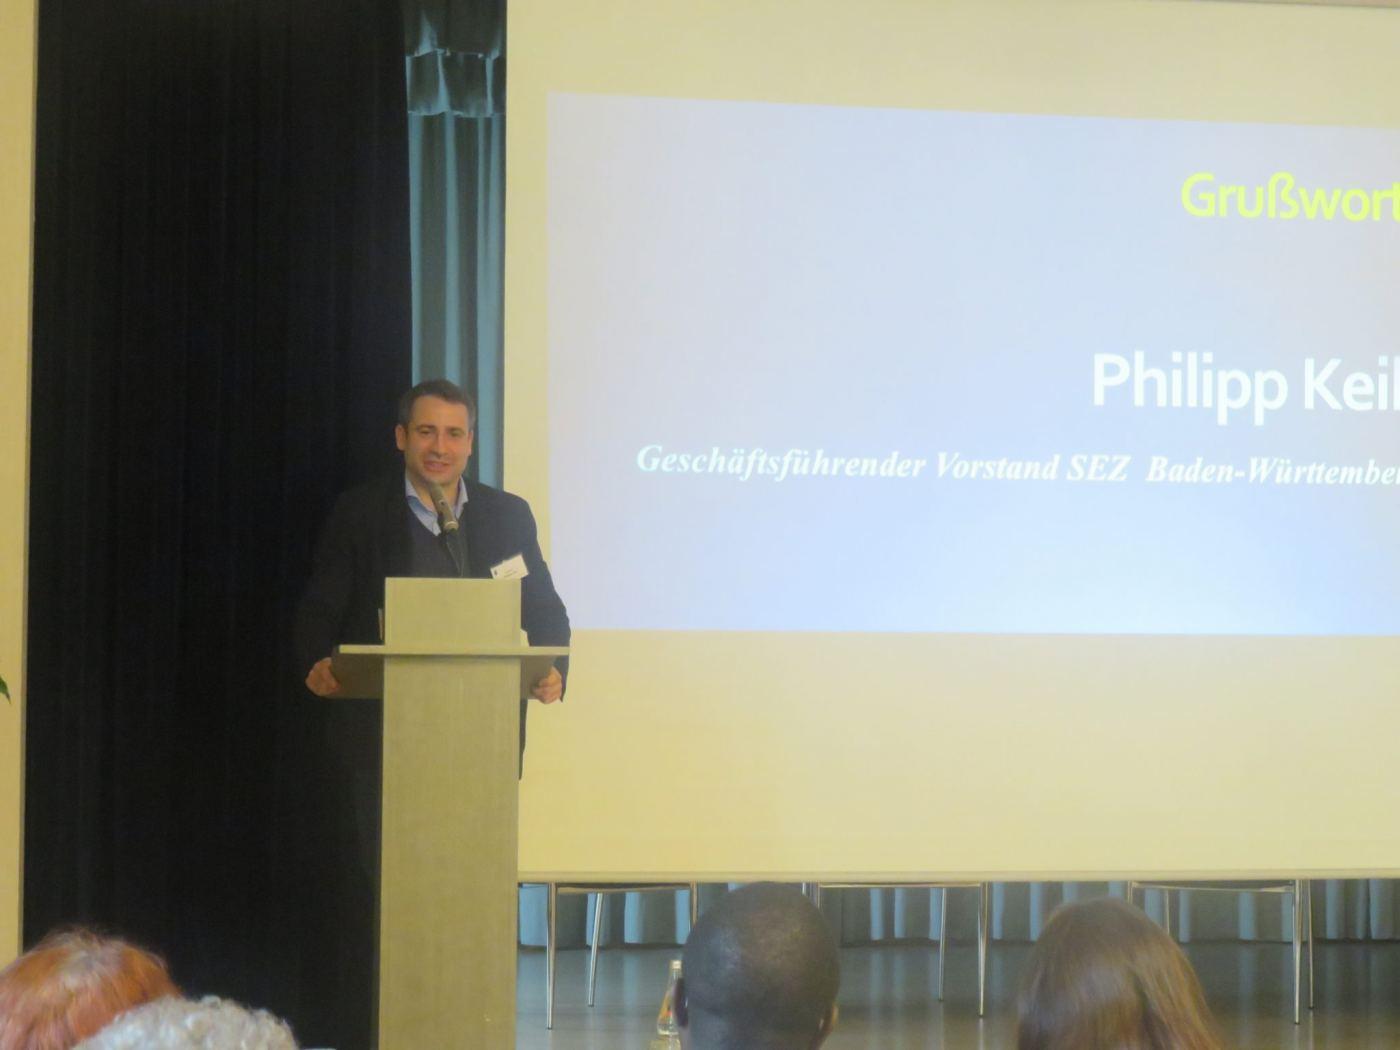 Philipp Keil